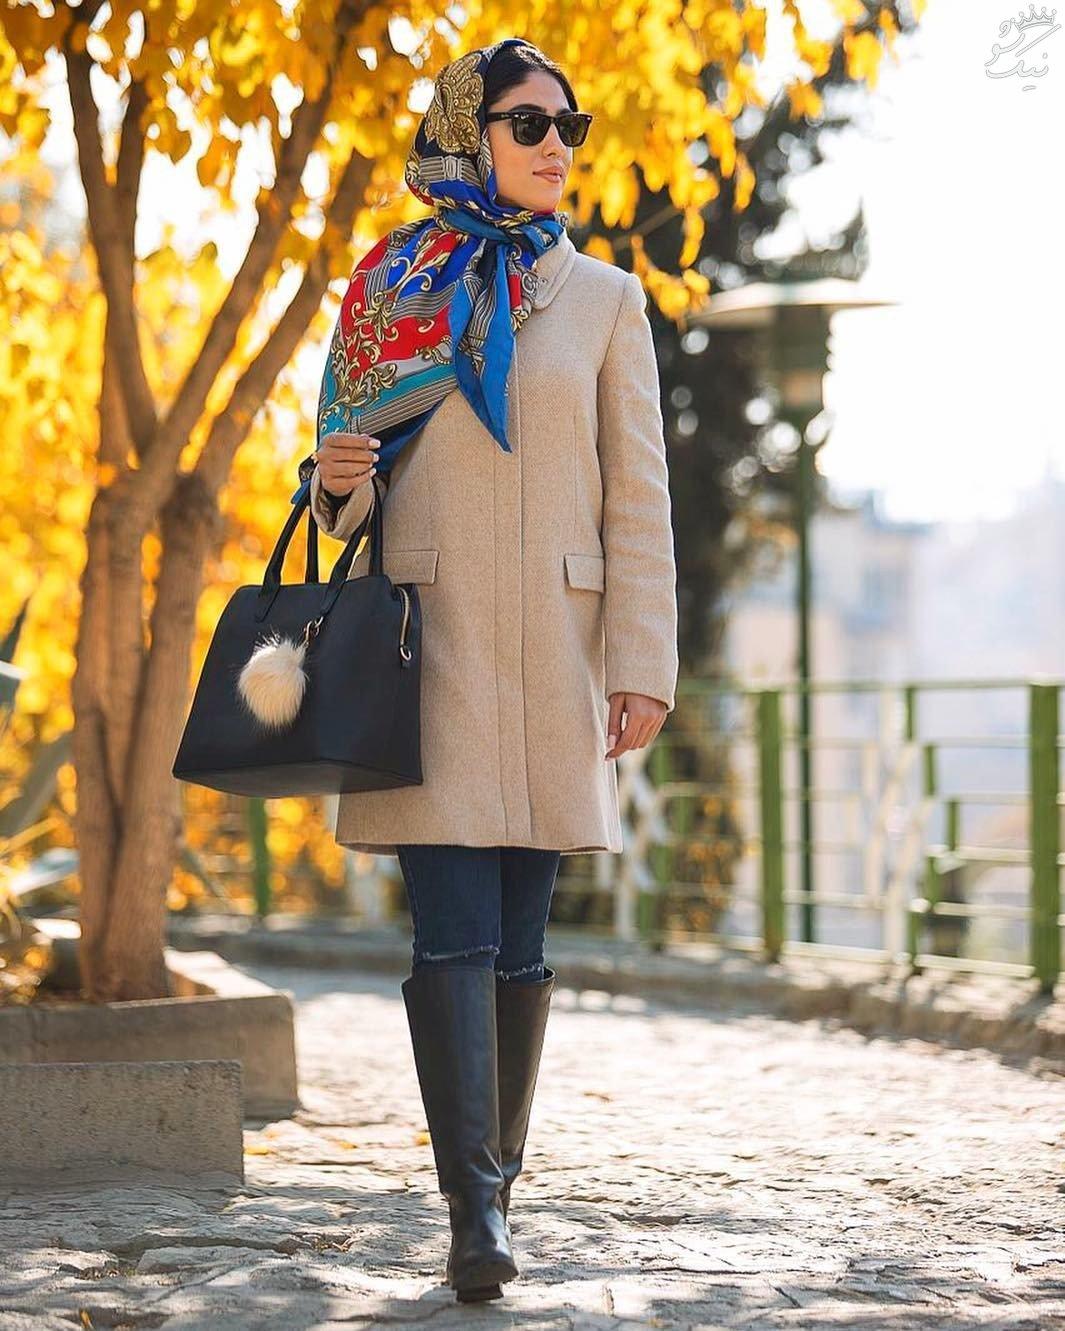 رامینا ترابی زیباترین دختر ایران +اینستاگرام و عکس مدلینگ